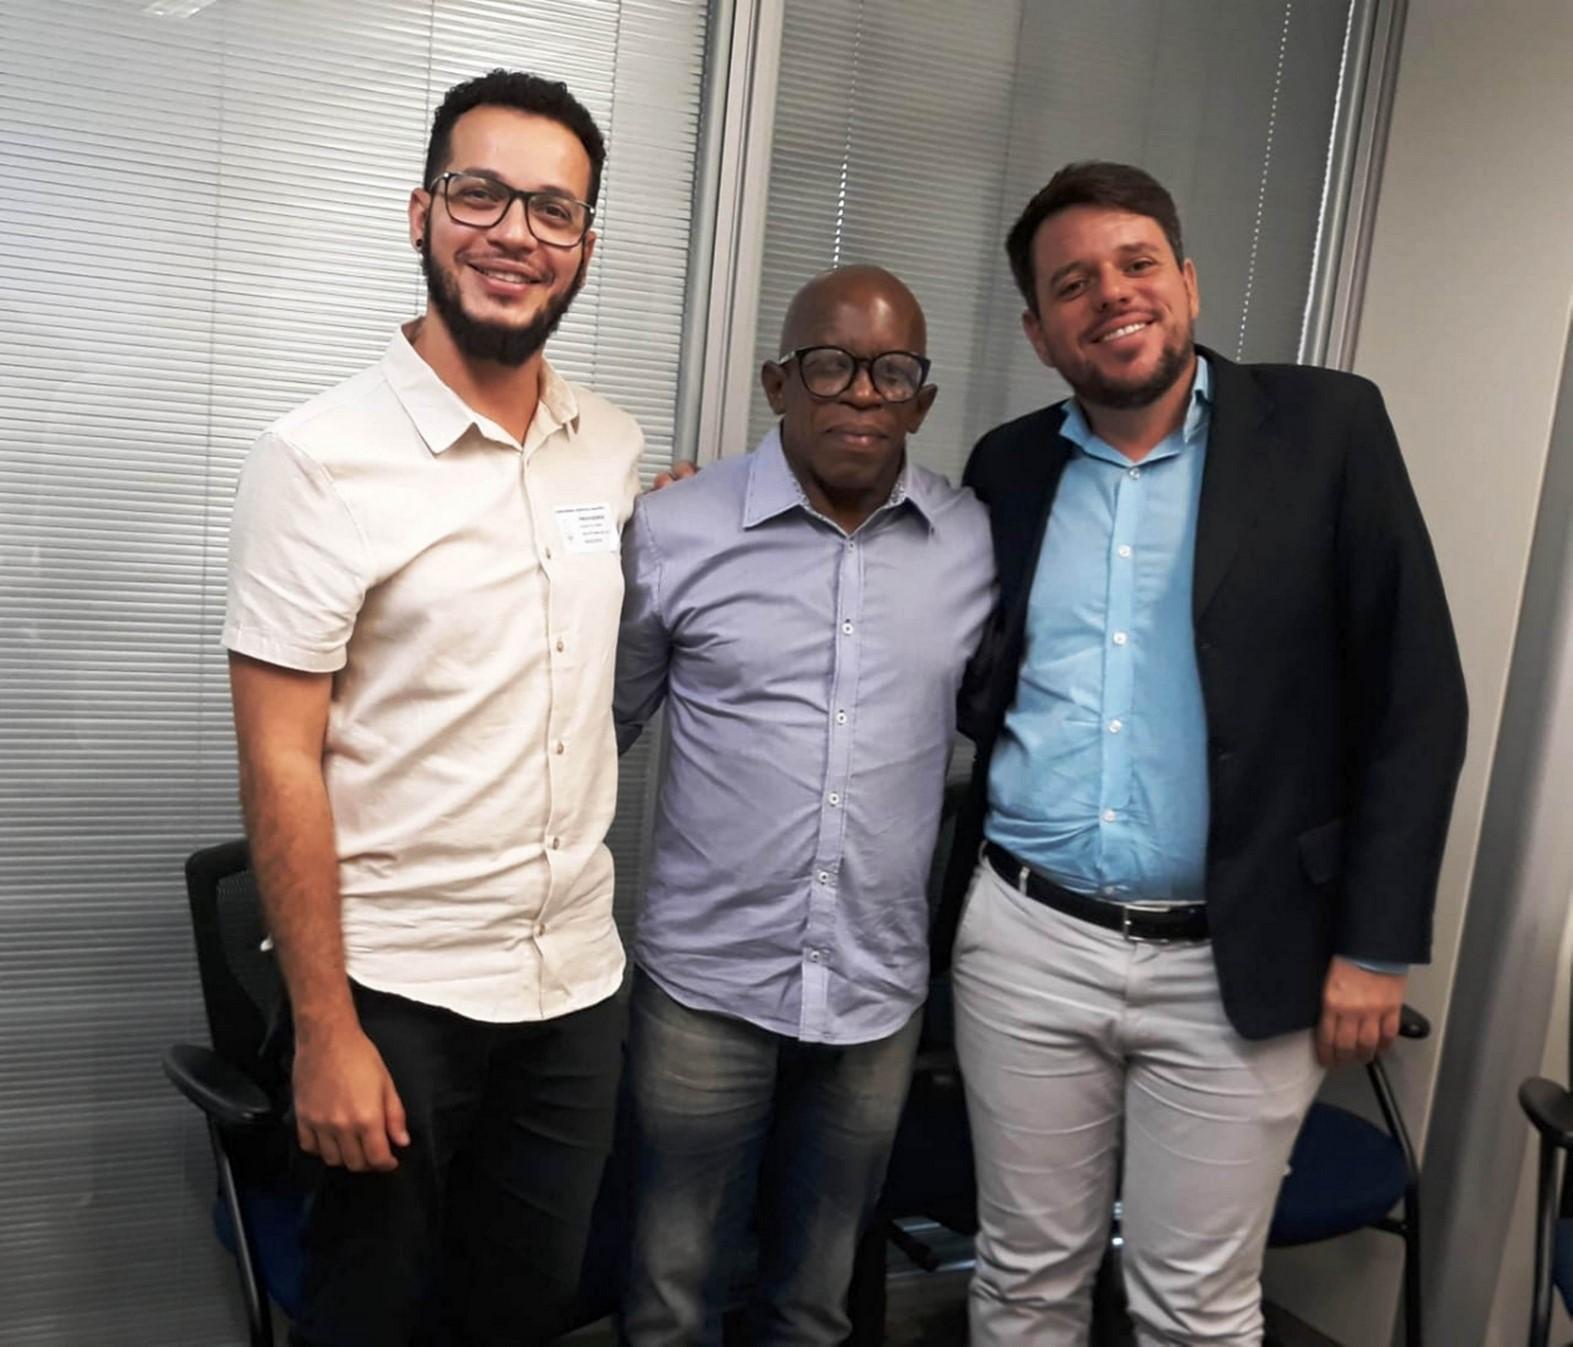 Zica Medeiros entre o gestor de economia criativa do estado Diogo Azevedo e o superintendente do projeto Cinema das Cidades Vinícius Oliveira